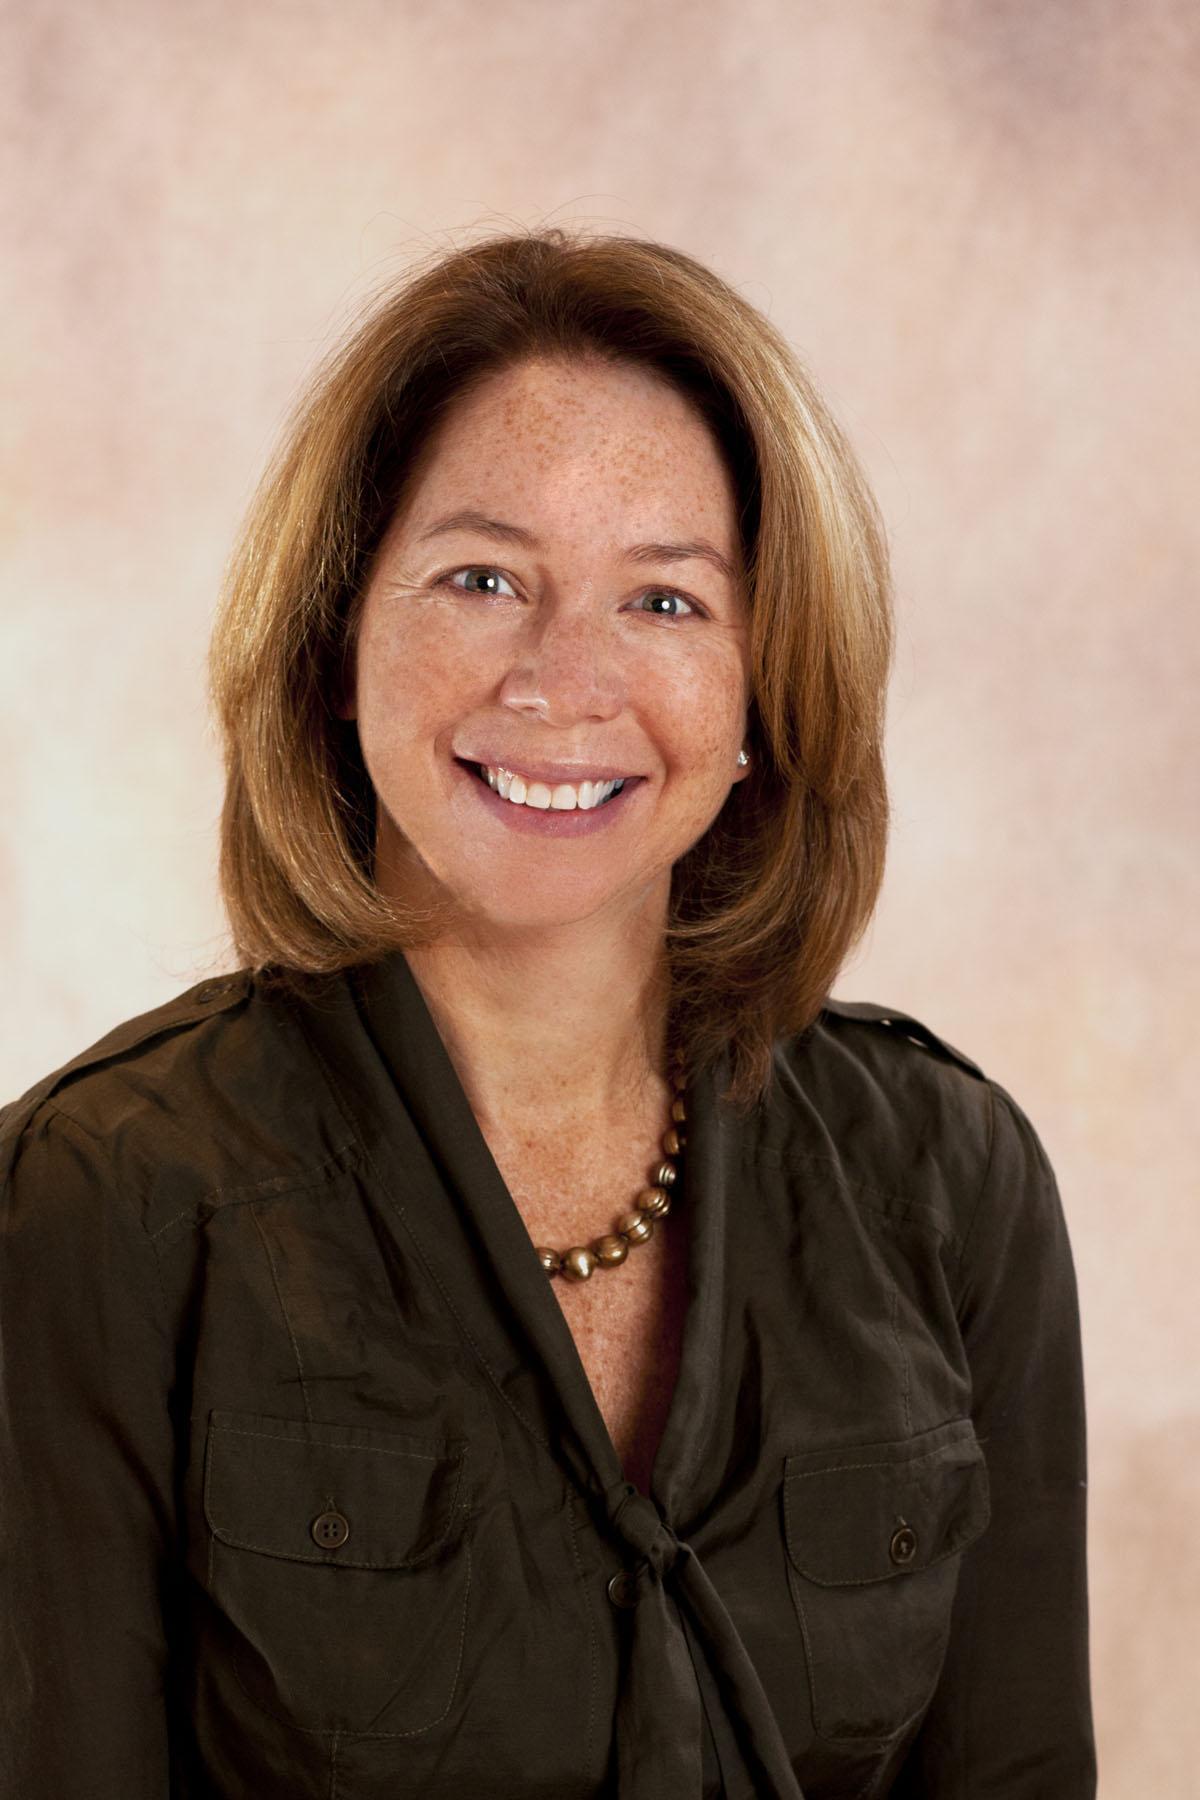 Peggy Raible